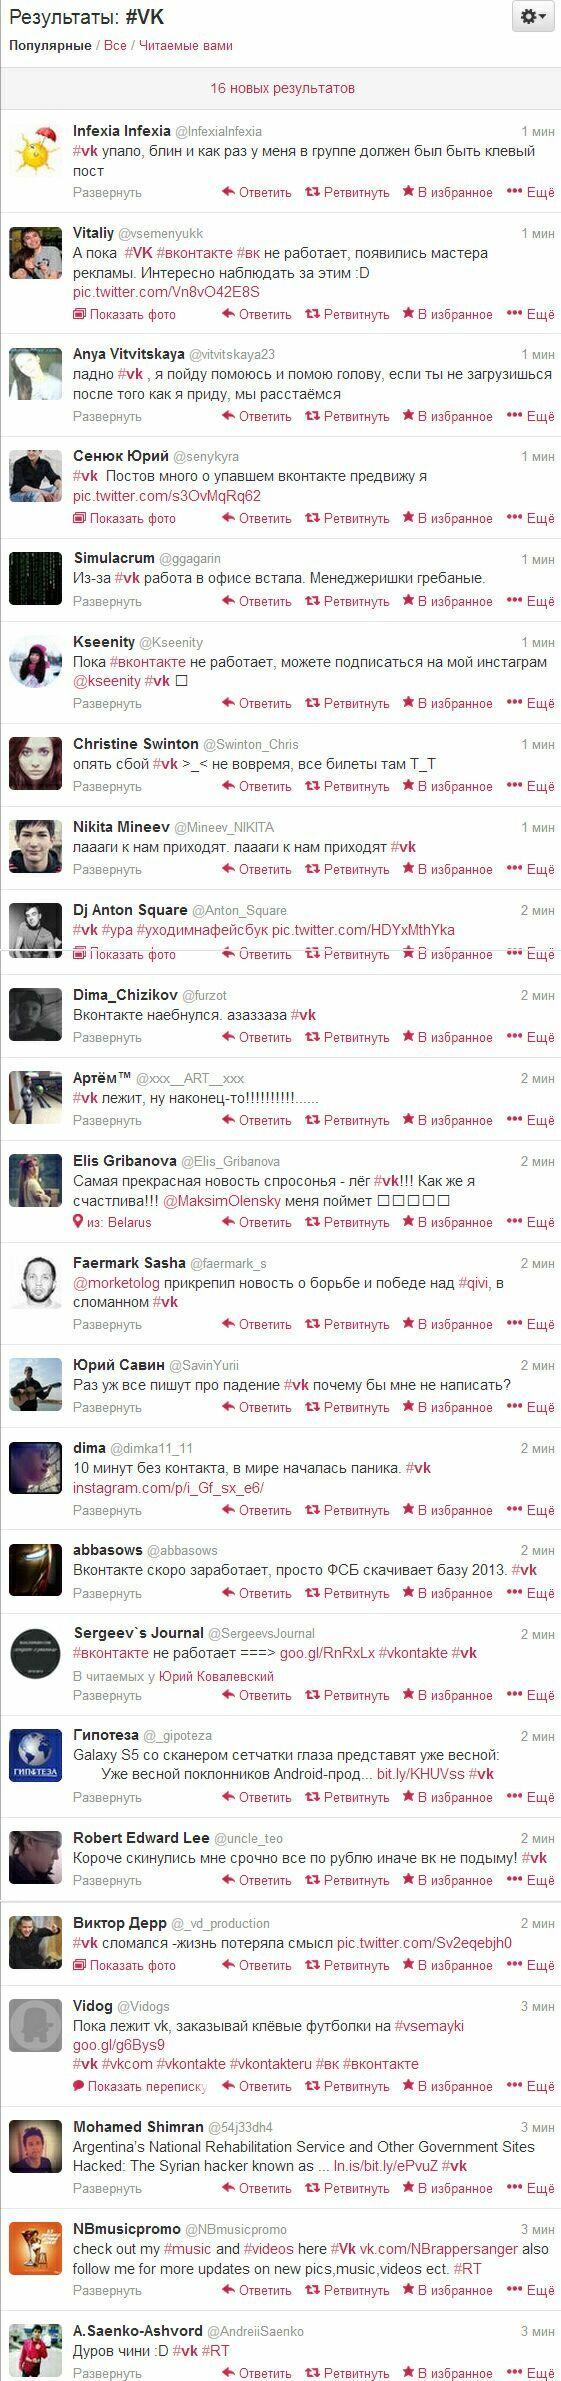 Сбой в работе Вконтакте 10 января - твиттер Поиск по хештегу VK